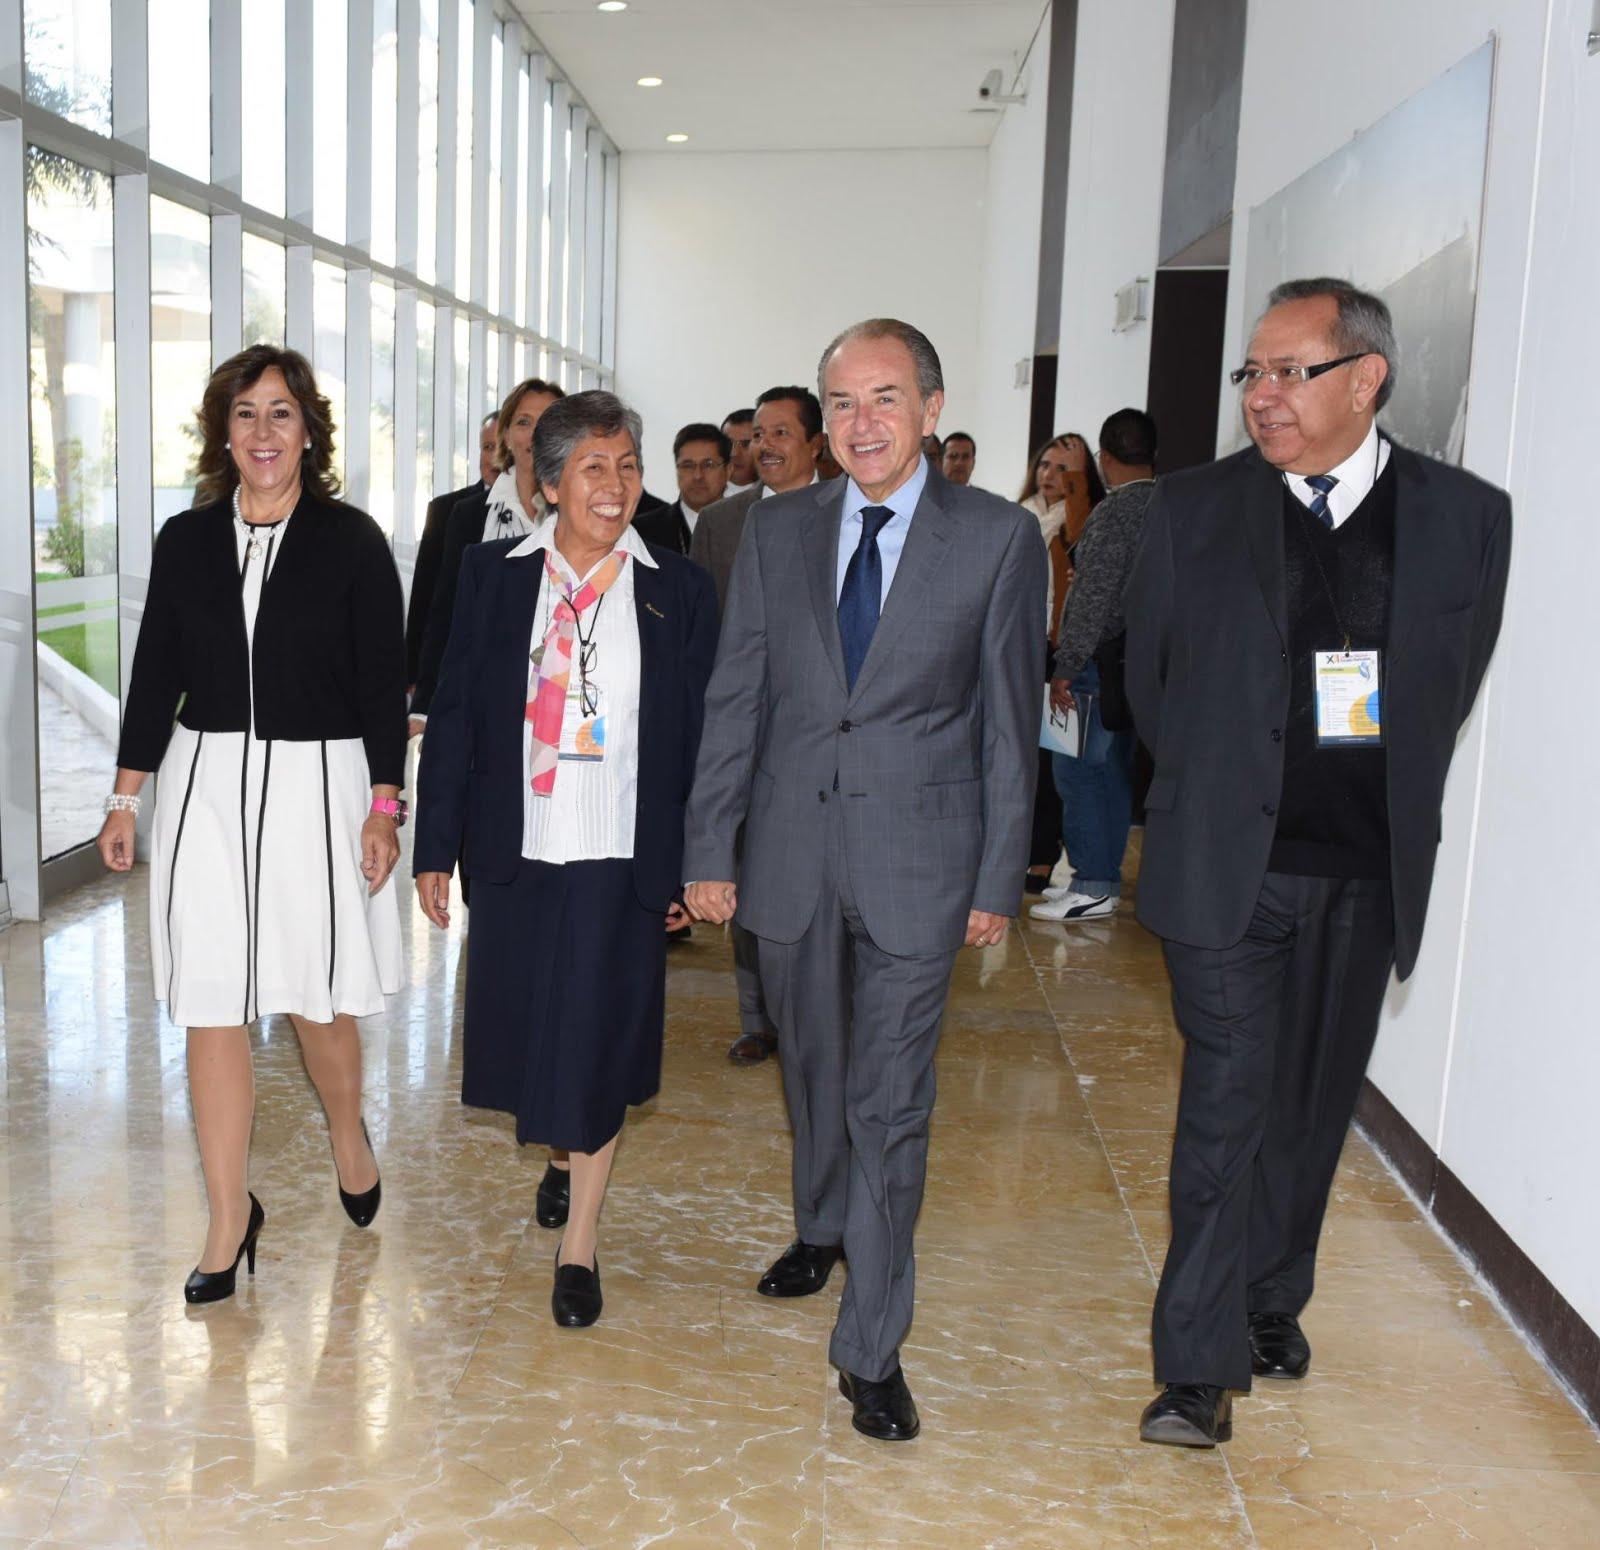 JUAN MANUEL CARRERAS INAUGURA EL XII CONGRESO NACIONAL DE ESCUELAS PARTICULARES